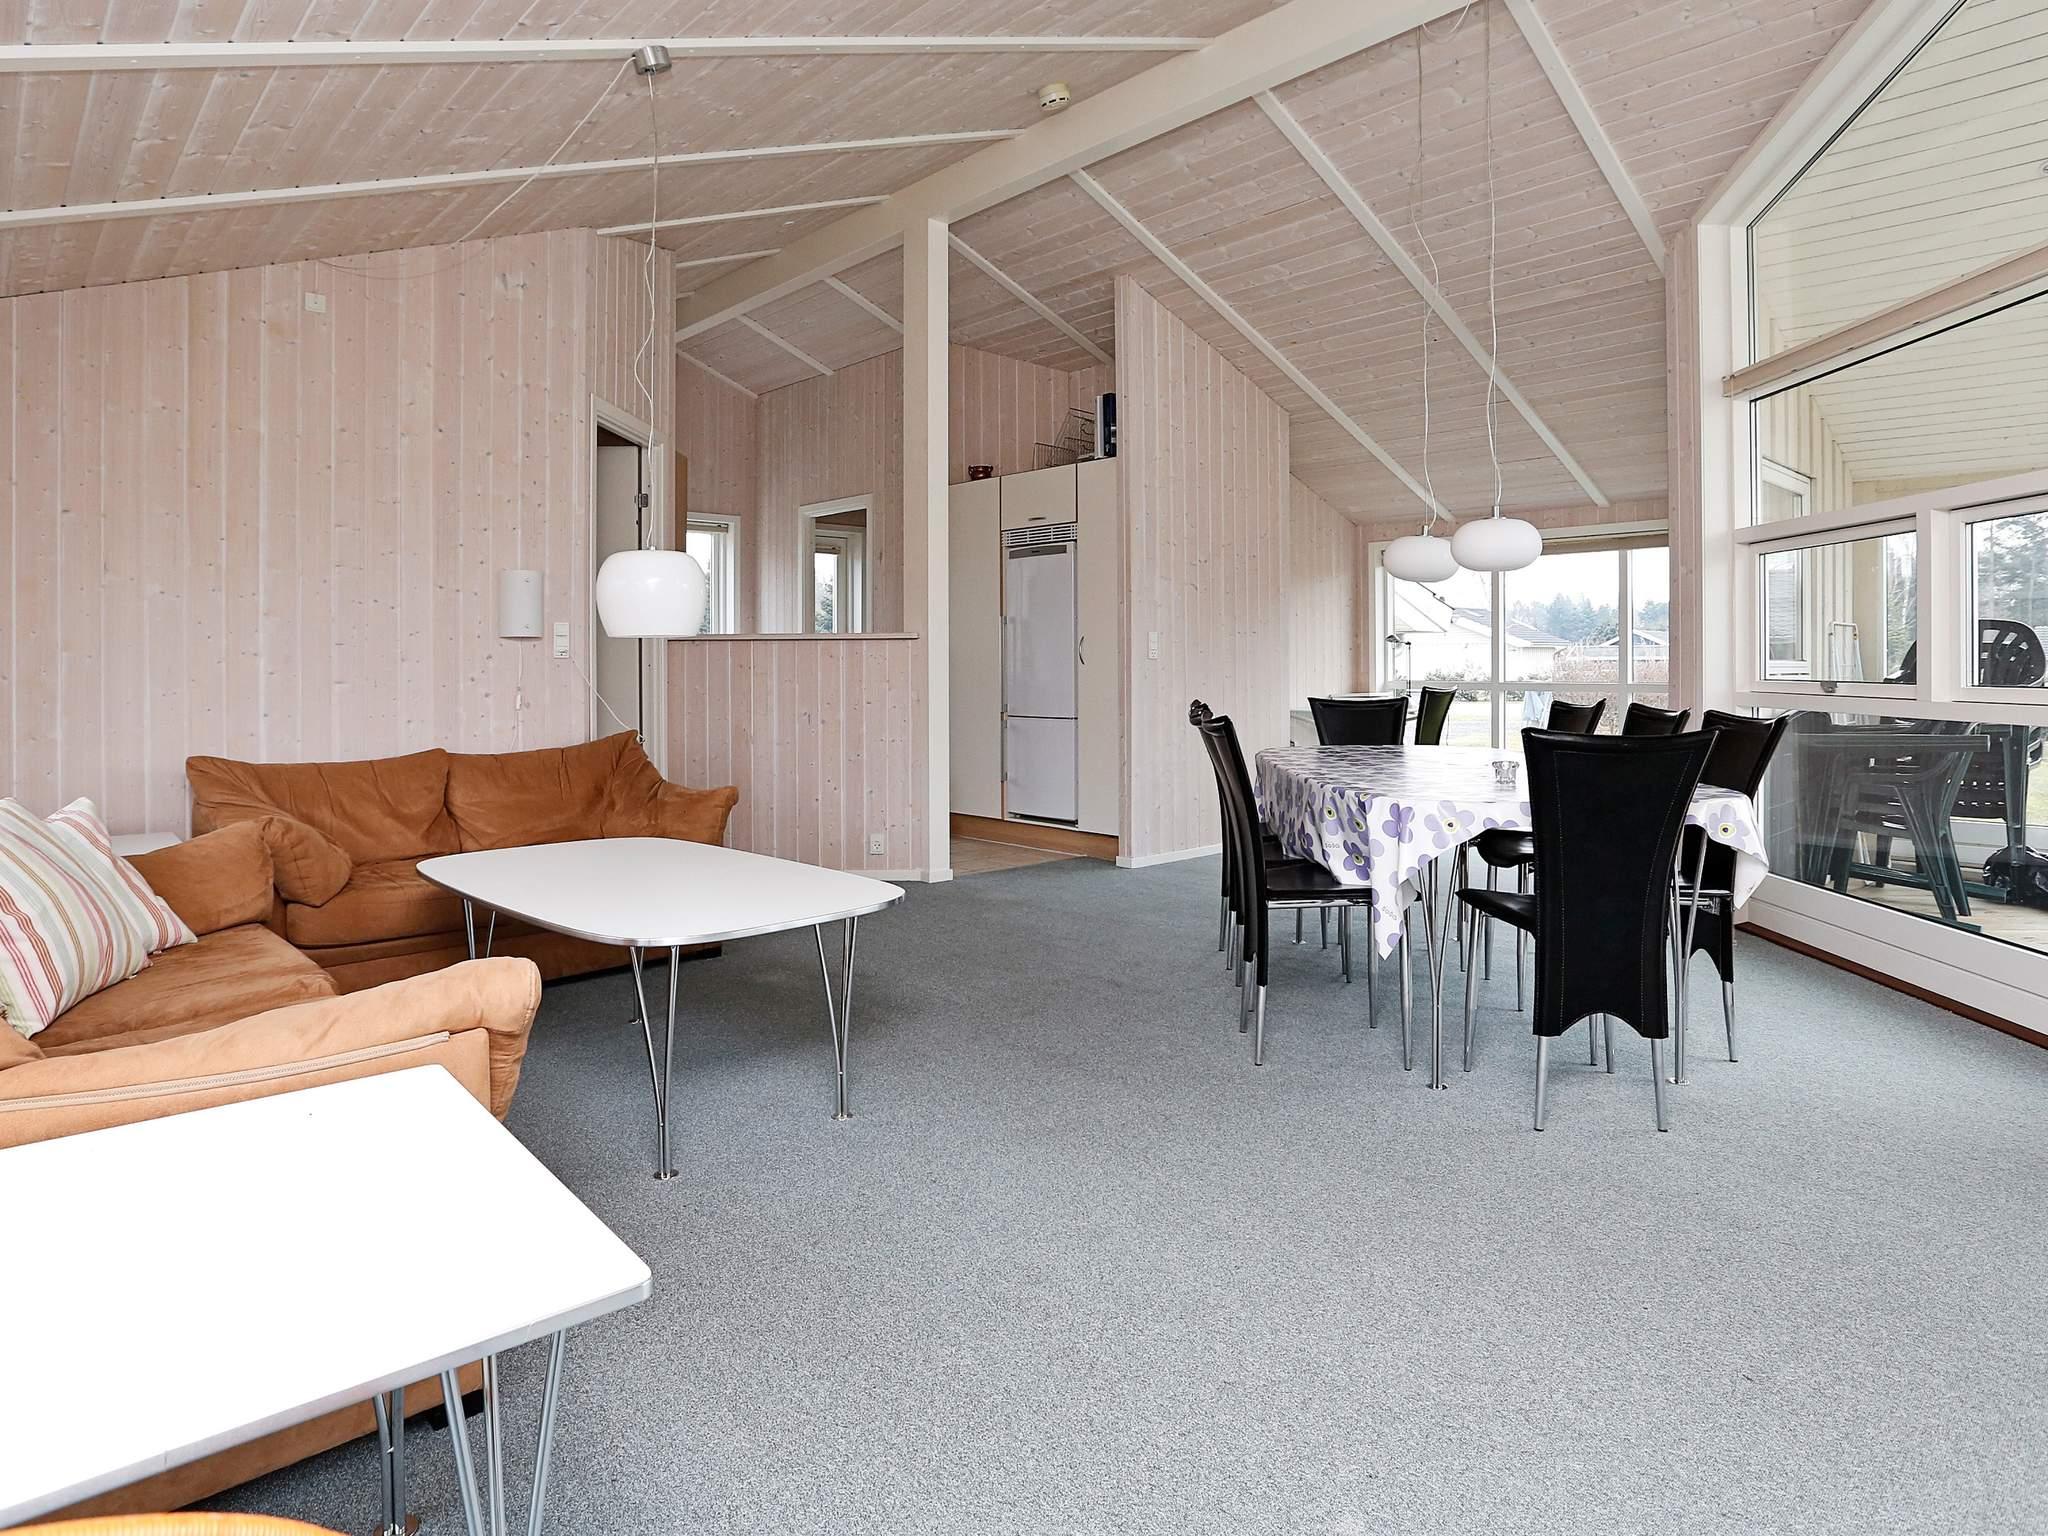 Ferienhaus Udsholt Strand (135446), Gilleleje, , Nordseeland, Dänemark, Bild 4